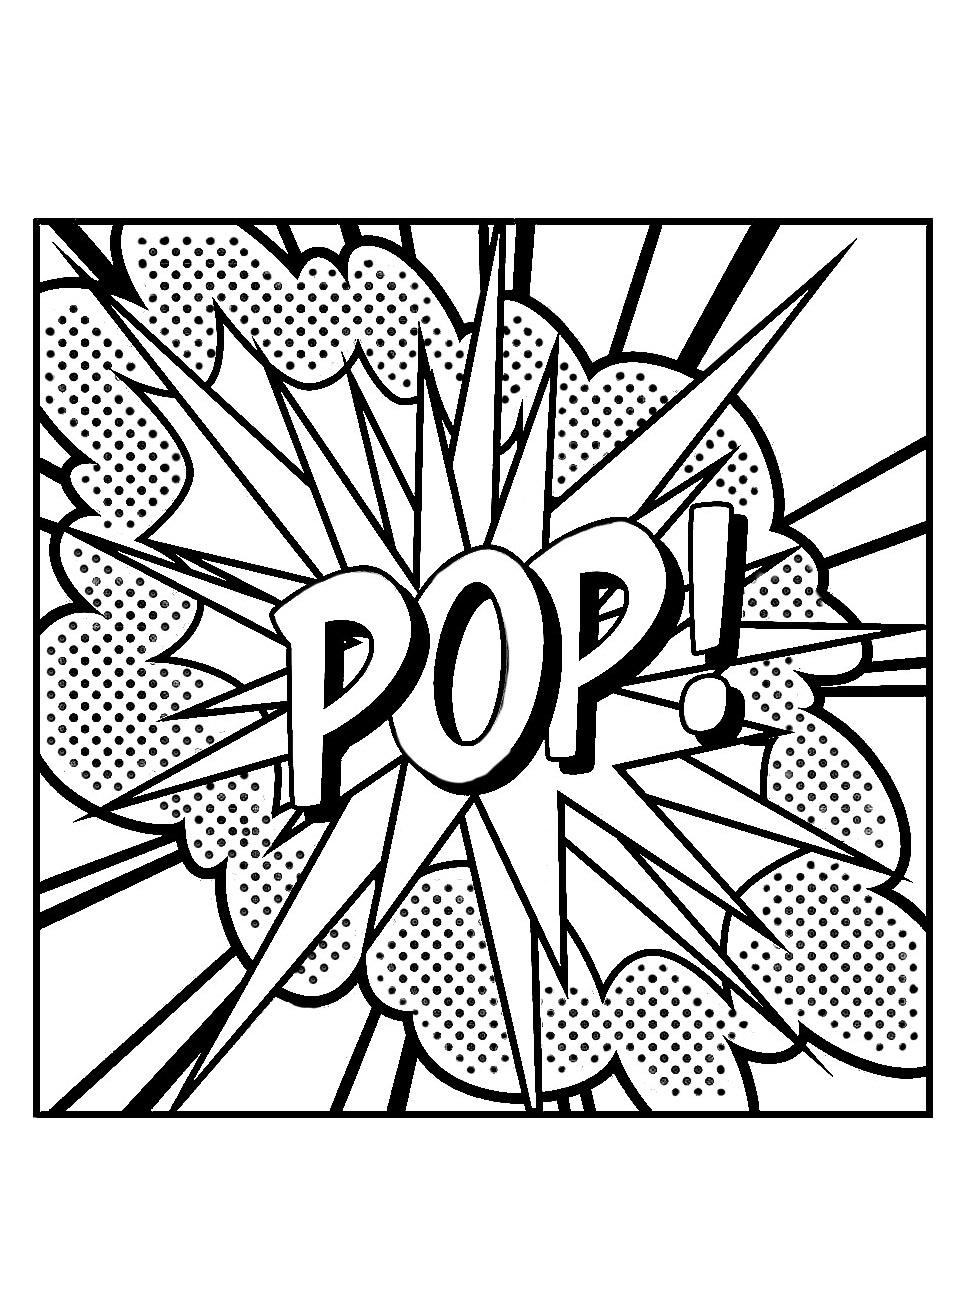 Pop art 23156